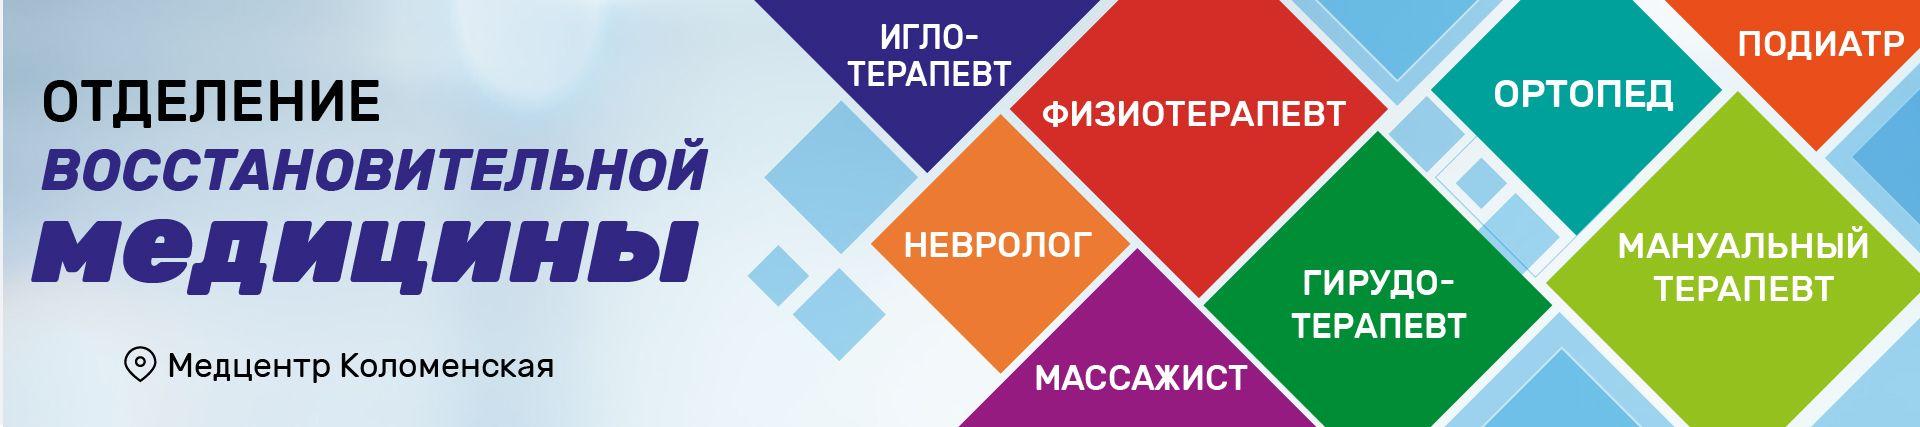 1920h426_otdelenie_vosstanovitelnoj_meditsiny-01